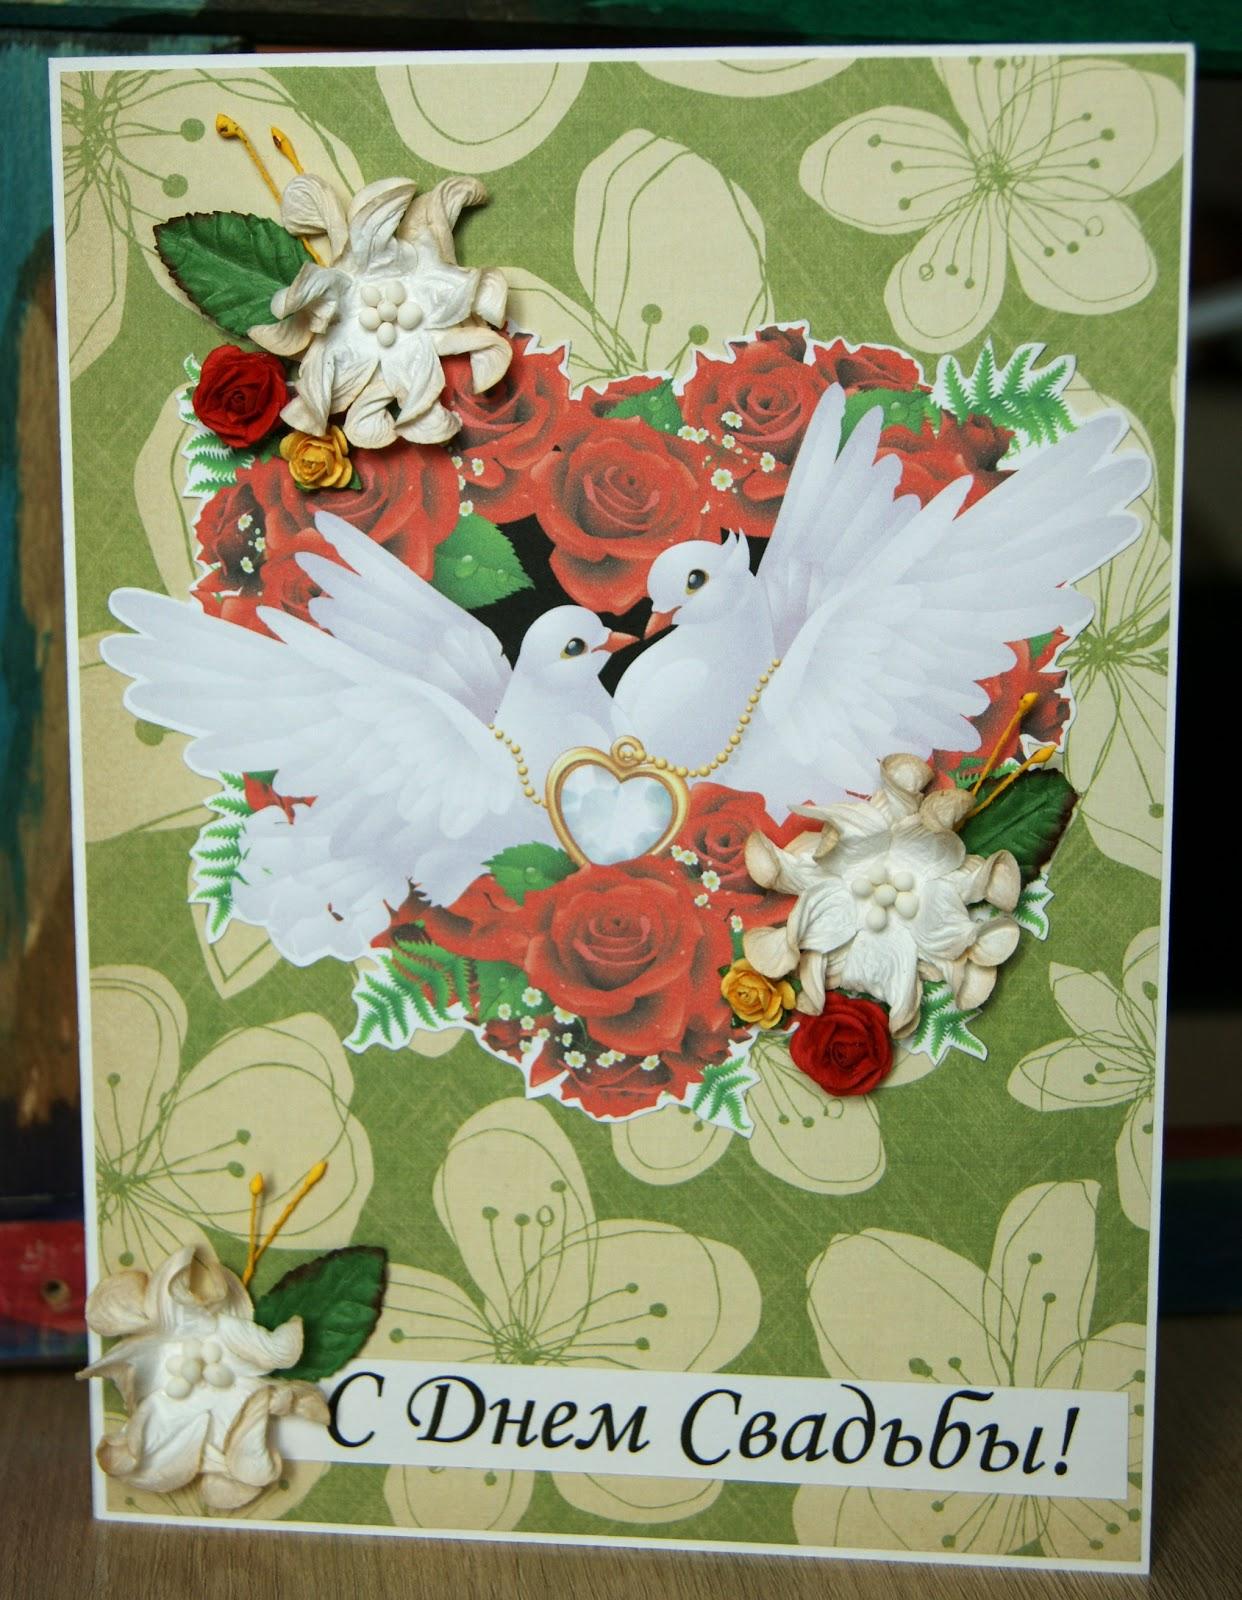 Поздравление к подарку голуби на свадьбу